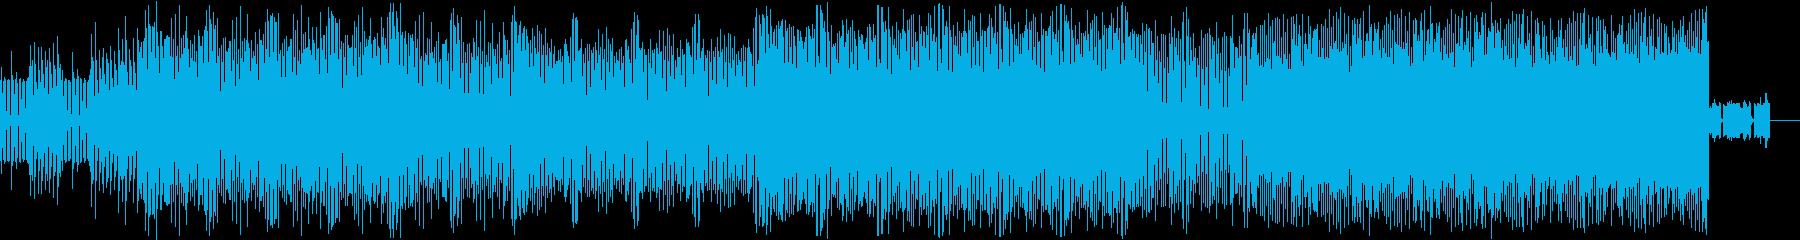 緊迫したシンセサウンドの再生済みの波形